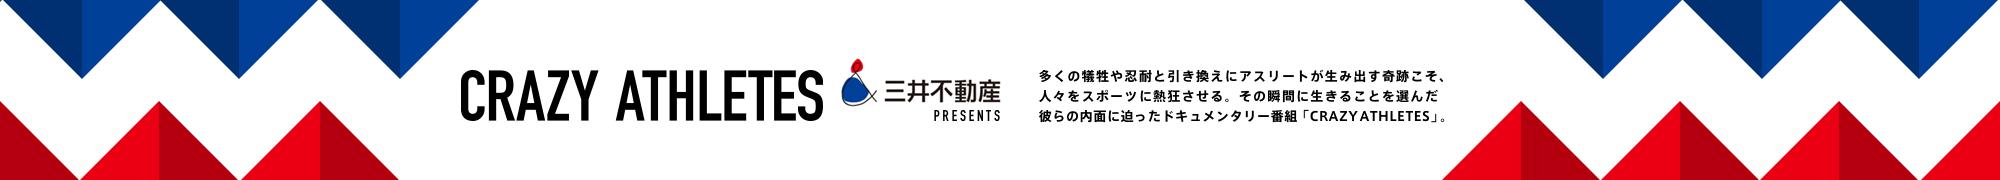 マラソン日本記録保持者の大迫傑に独占インタビューを敢行。2回に分けてお送りする。「常に背伸びをしないと戦えないチームを選んできた」2020年の東京五輪での金メダル獲得に向け、走り続…